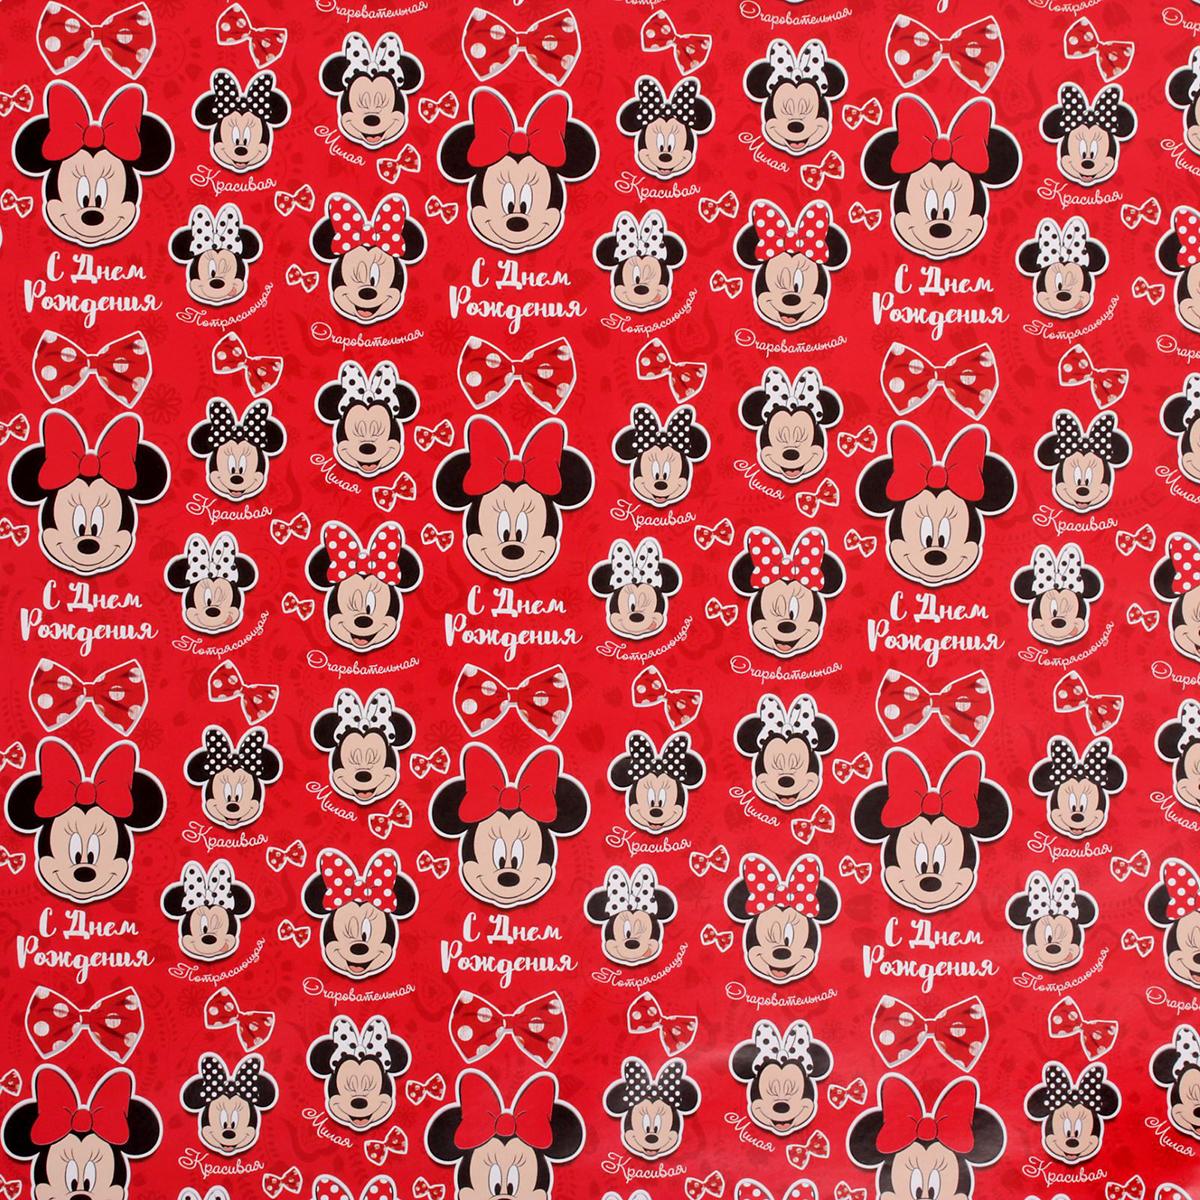 Бумага упаковочная Disney С Днем Рождения. Минни Маус, глянцевая, 50 х 70 см. 2391085 бумага упаковочная disney с днем рождения самая милая минни маус глянцевая 70 х 100 см 2390649